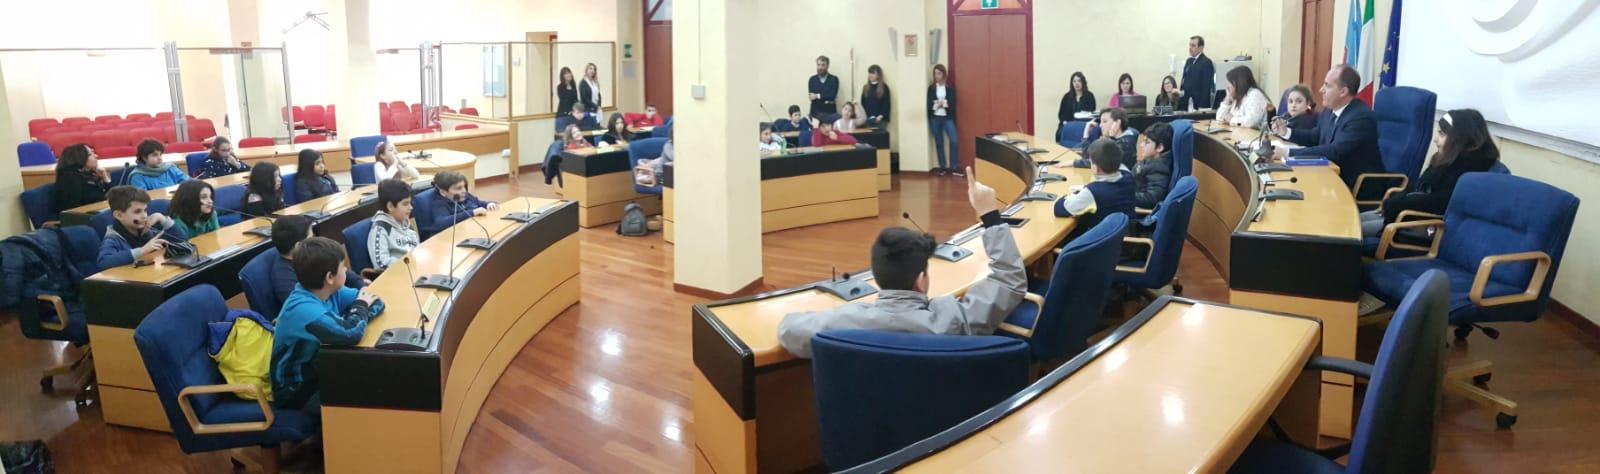 Campobasso: Consiglio regionale a porte aperte per gli studenti del primo circolo didattico di Termoli.